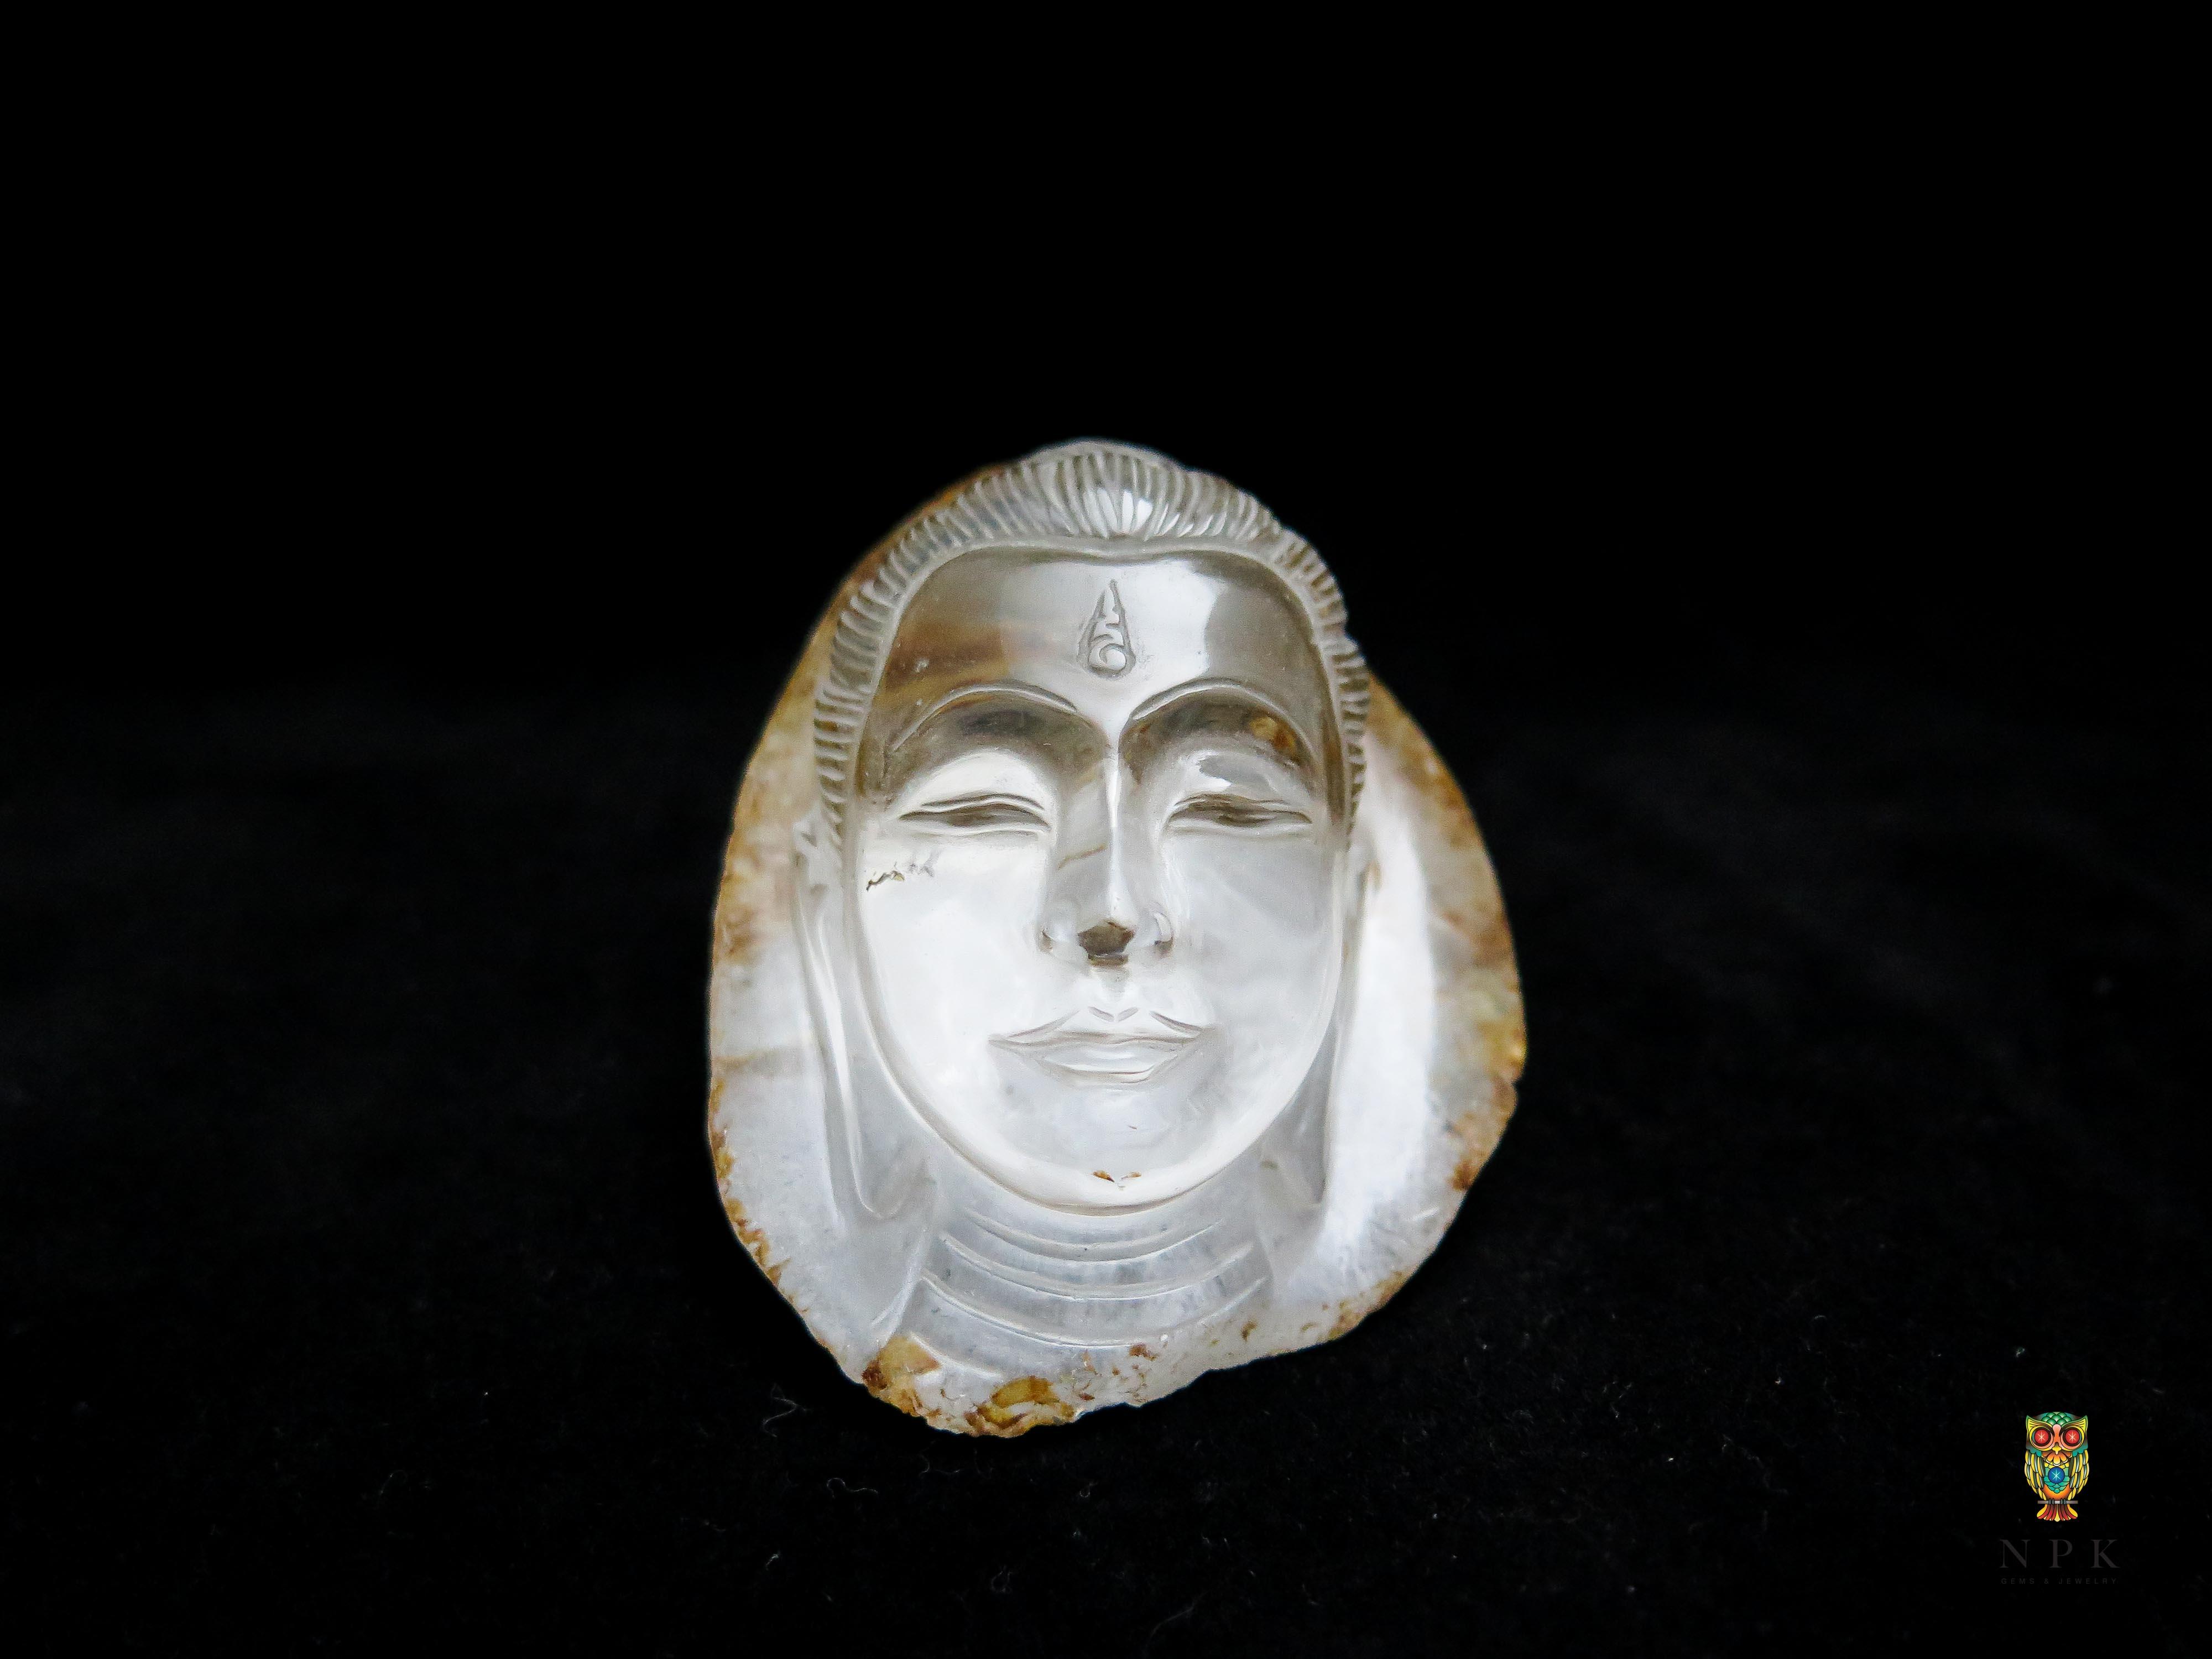 เศียร์พระพุทธรูปแกะสลักควอตซ์ (Buddha Quartz Craving )